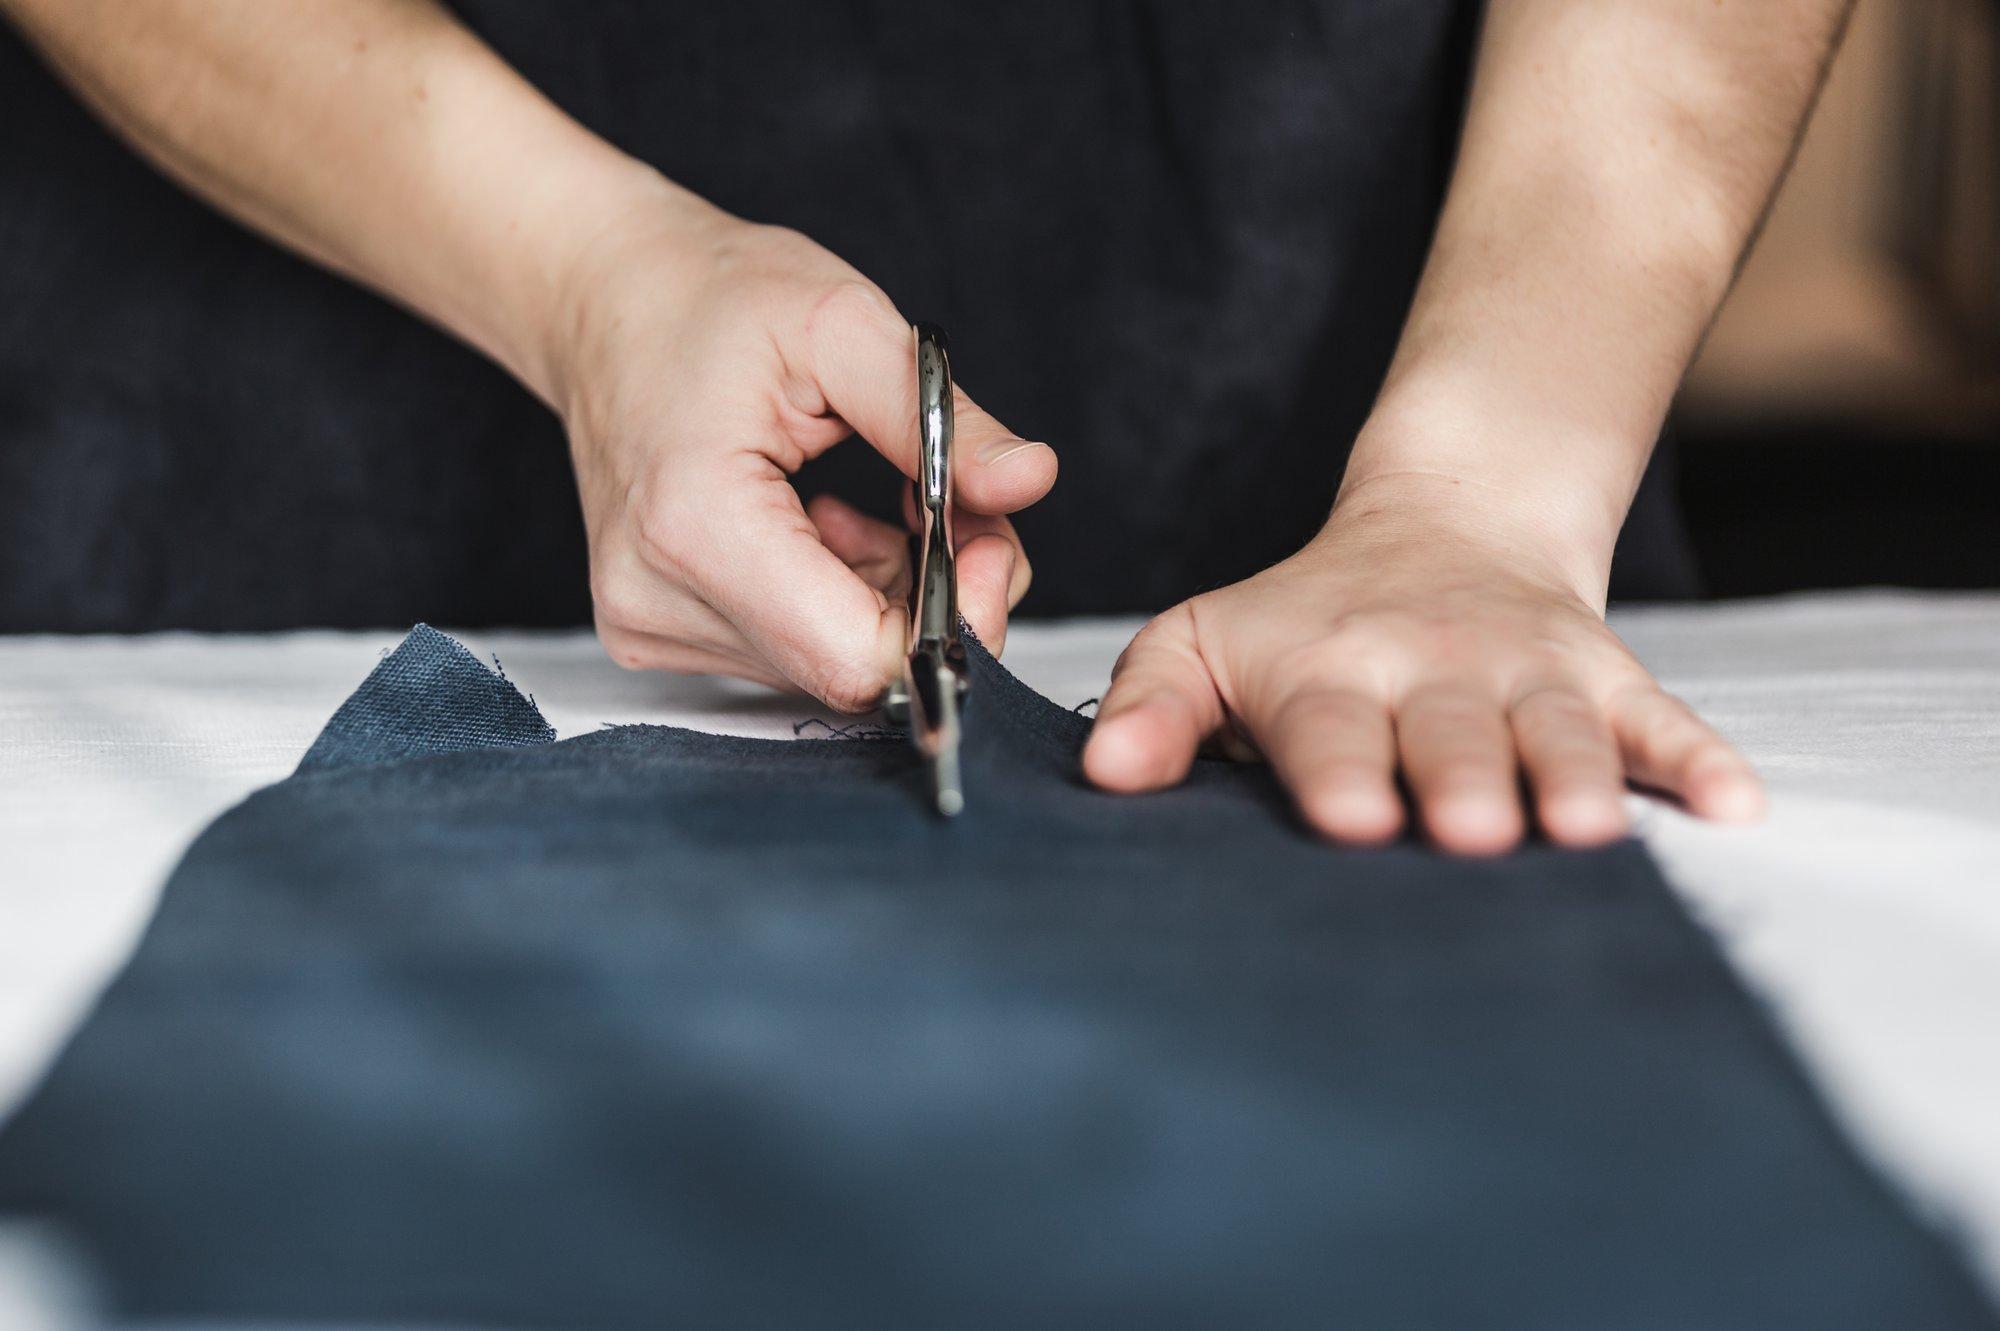 عکس پارچه لباس کار در حال برش